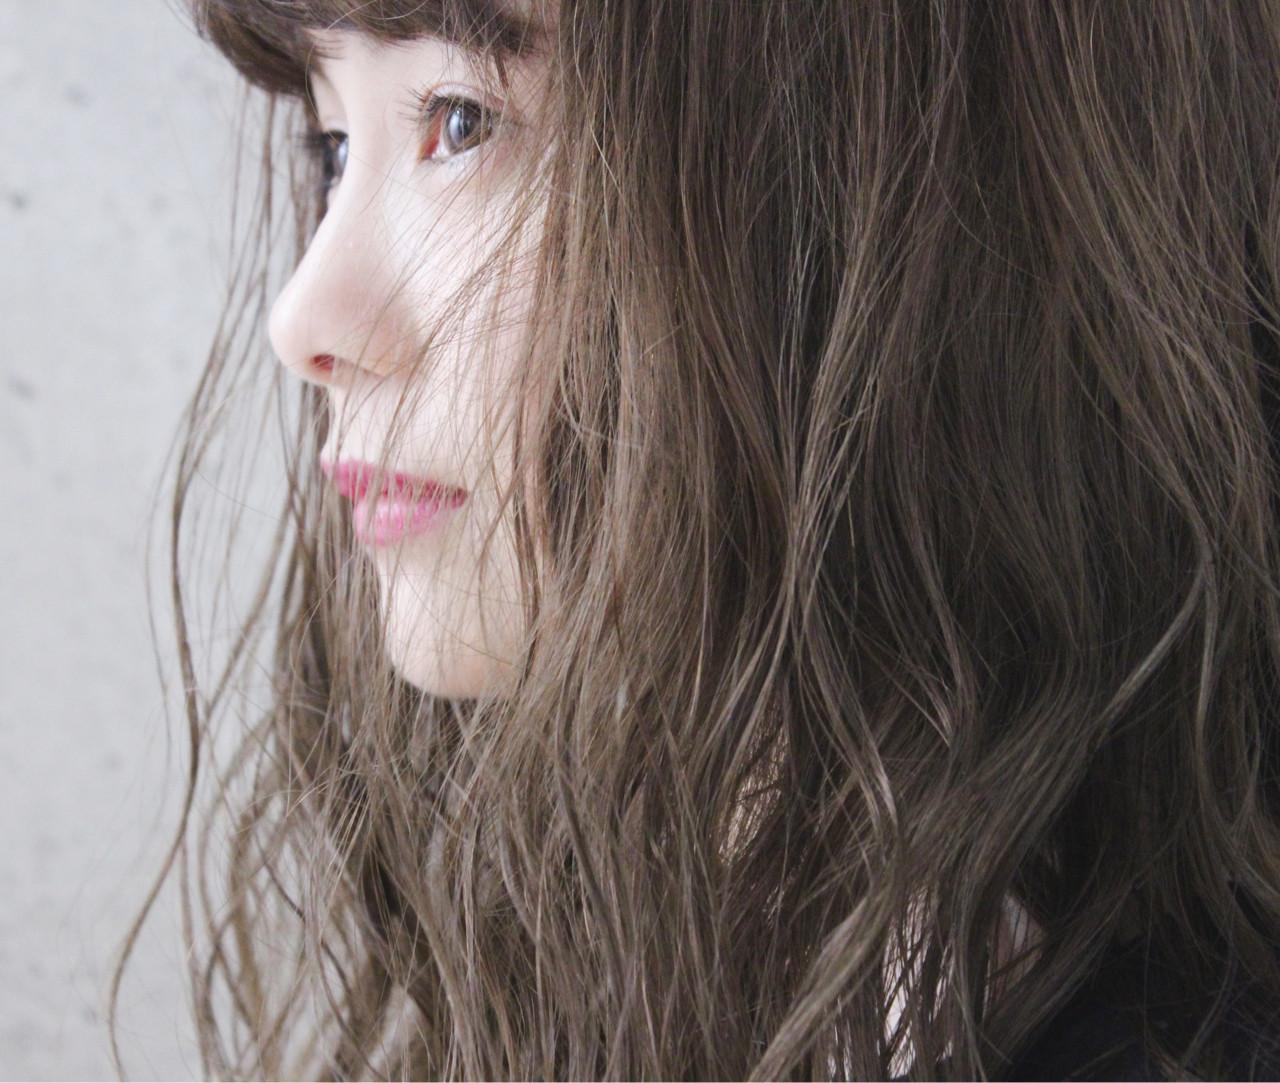 アンニュイ ナチュラル 涼しげ ヘアアレンジ ヘアスタイルや髪型の写真・画像 | 上田智久 / ooit 福岡 天神 / ooit